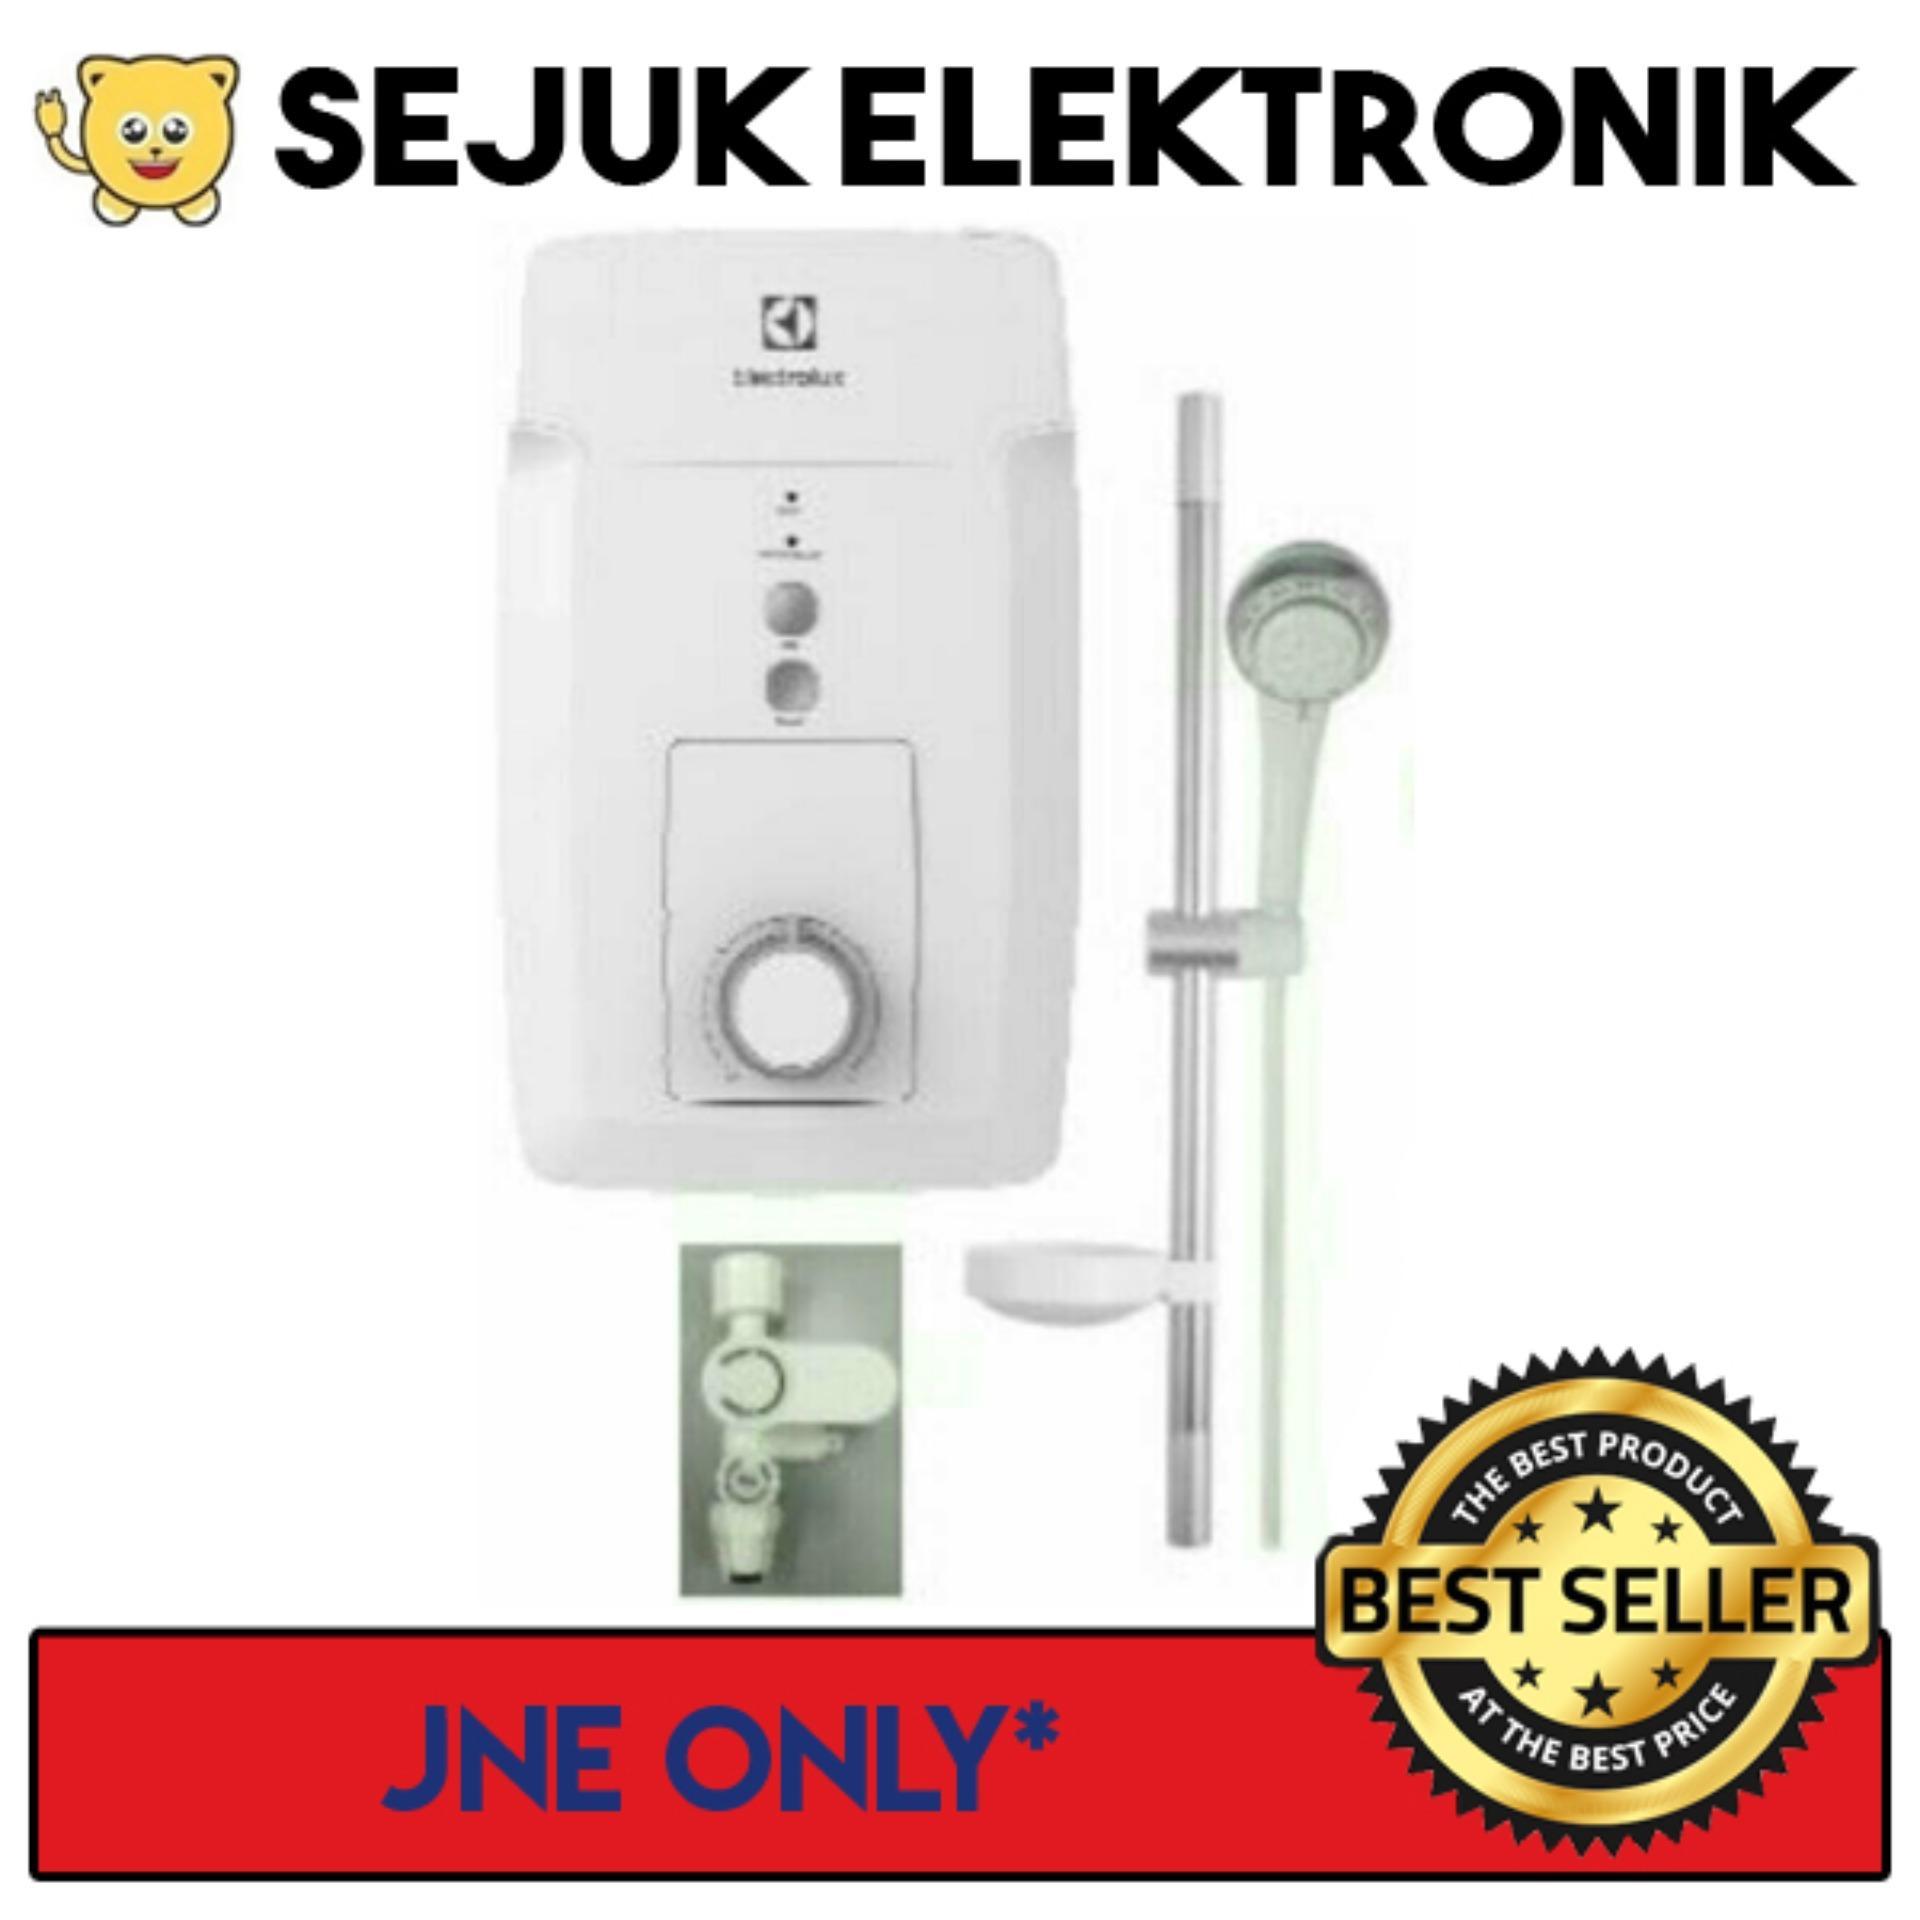 Electrolux EWE 241 GX-DW Water Heater Putih (JADETABEK ONLY)